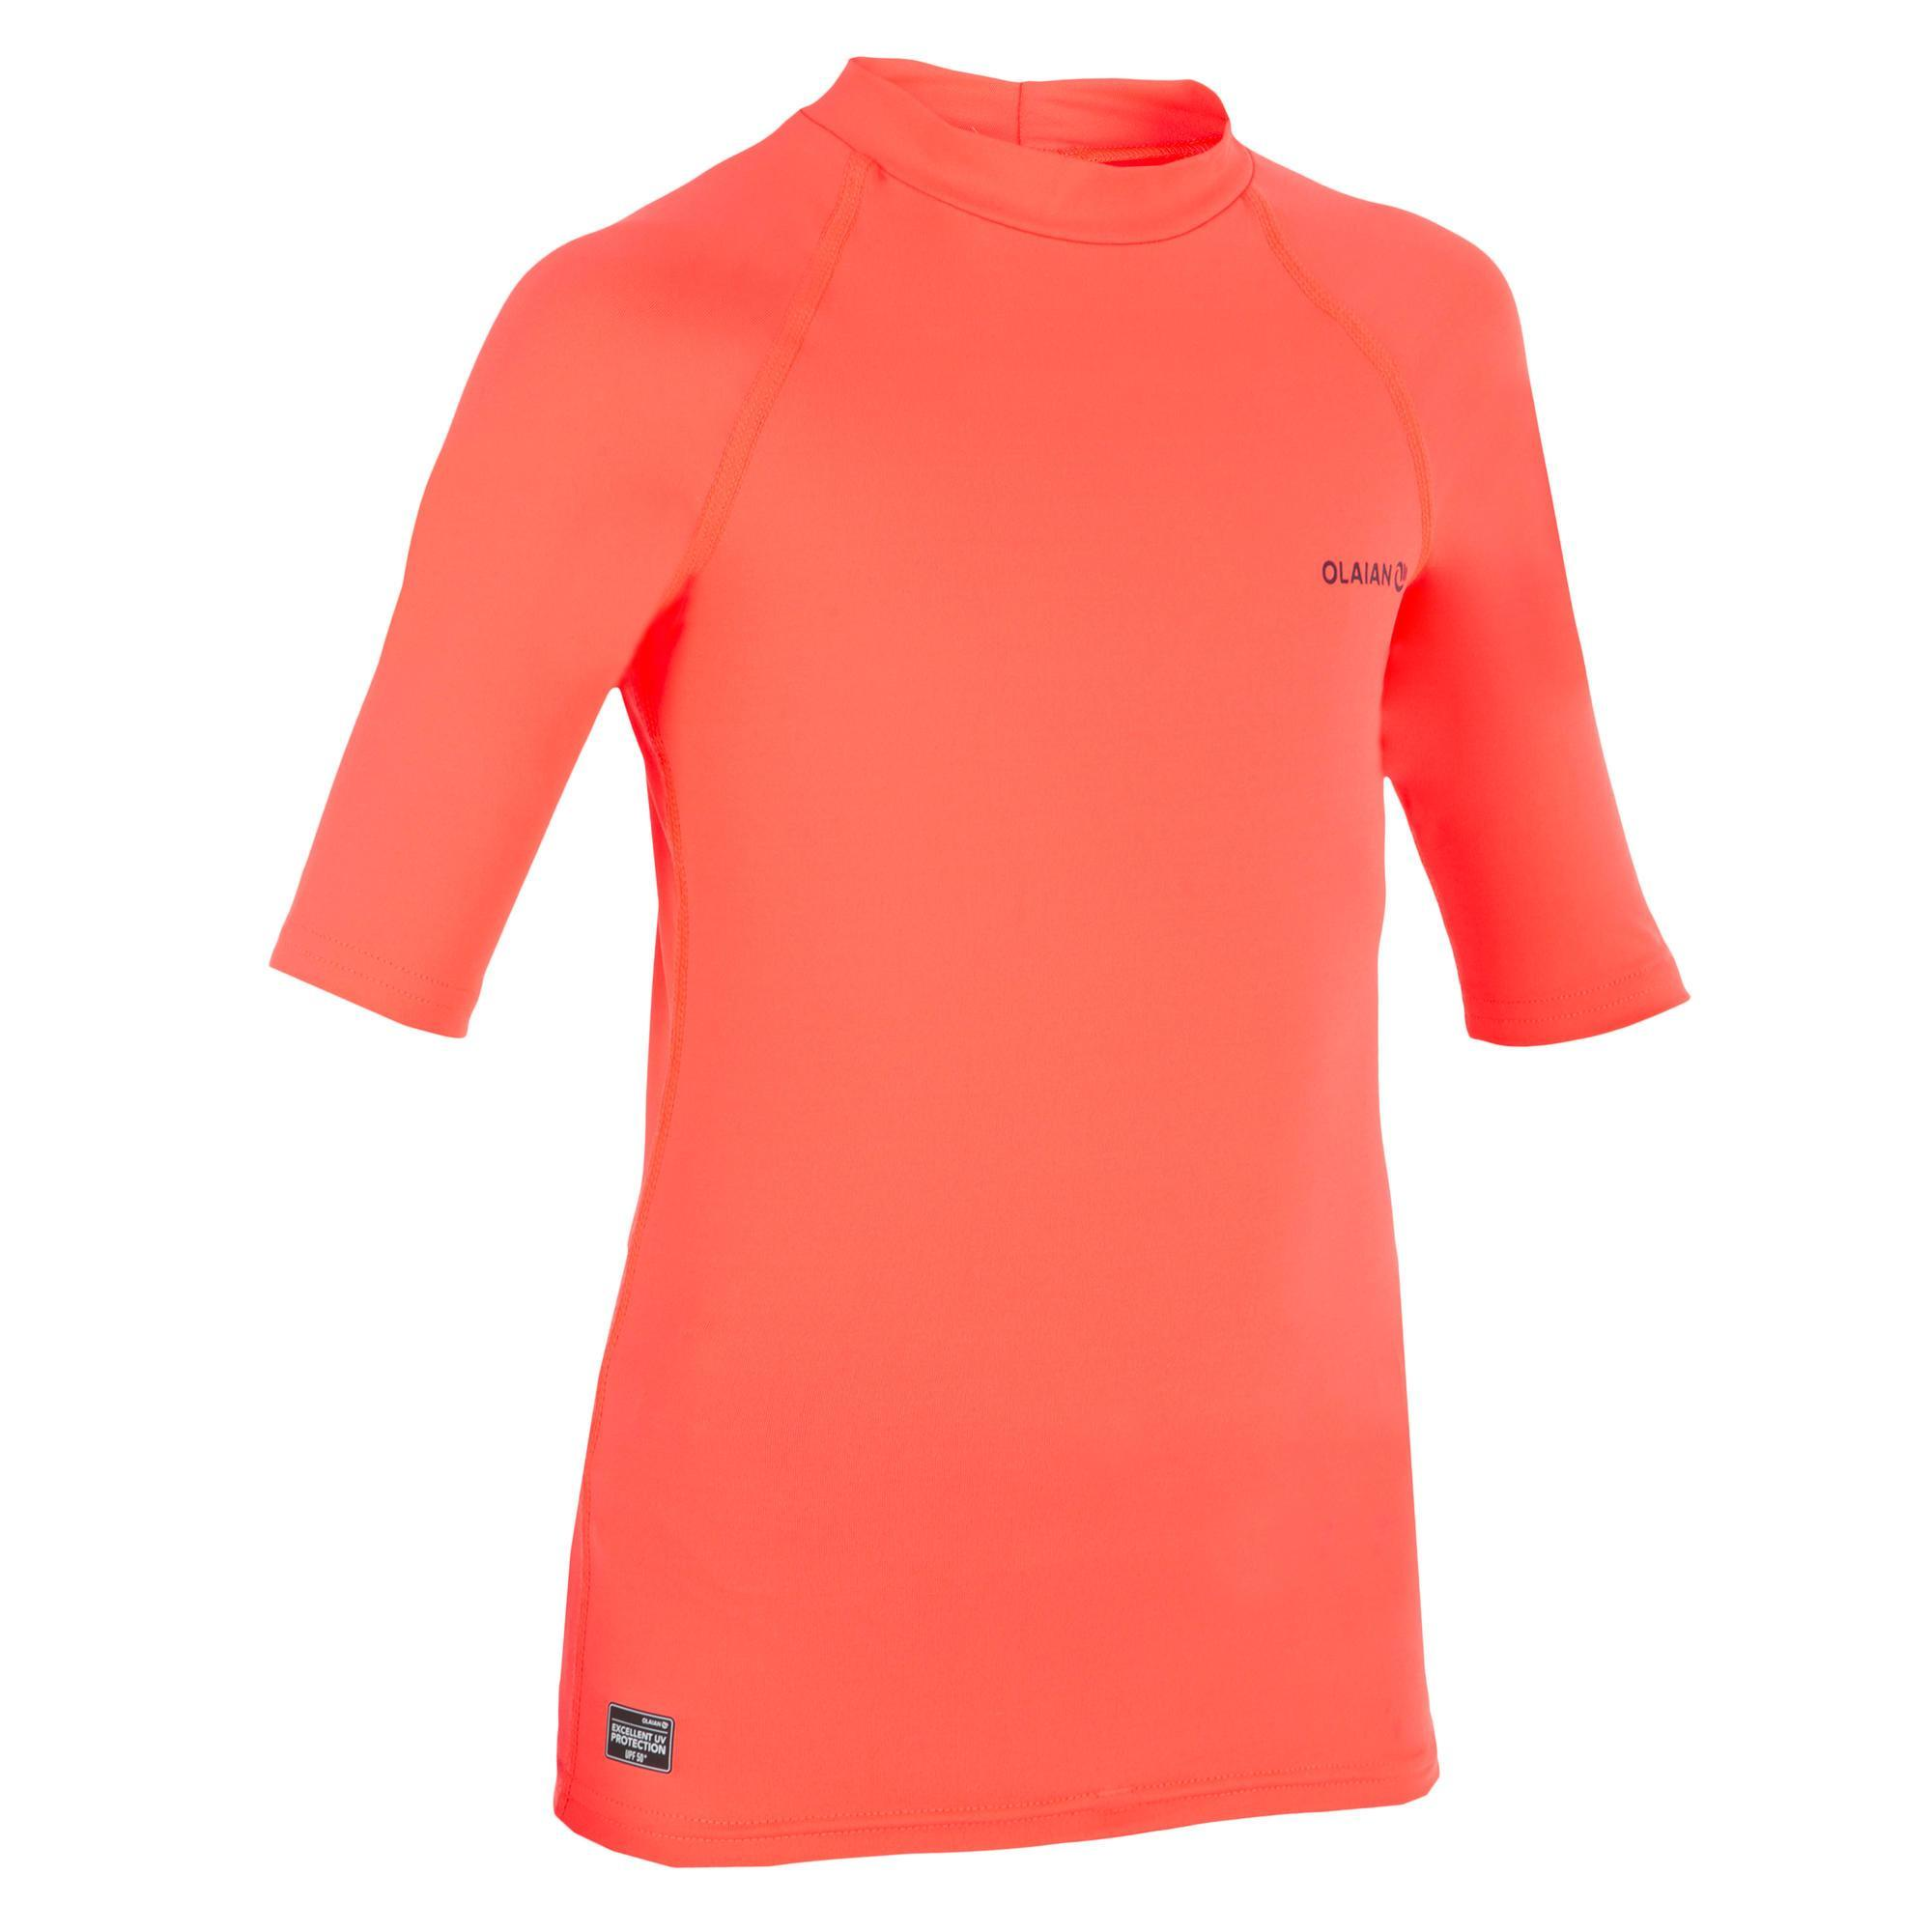 moins cher vente de sortie beaucoup de styles Rashguards et t-shirts UV de surf enfant | Decathlon